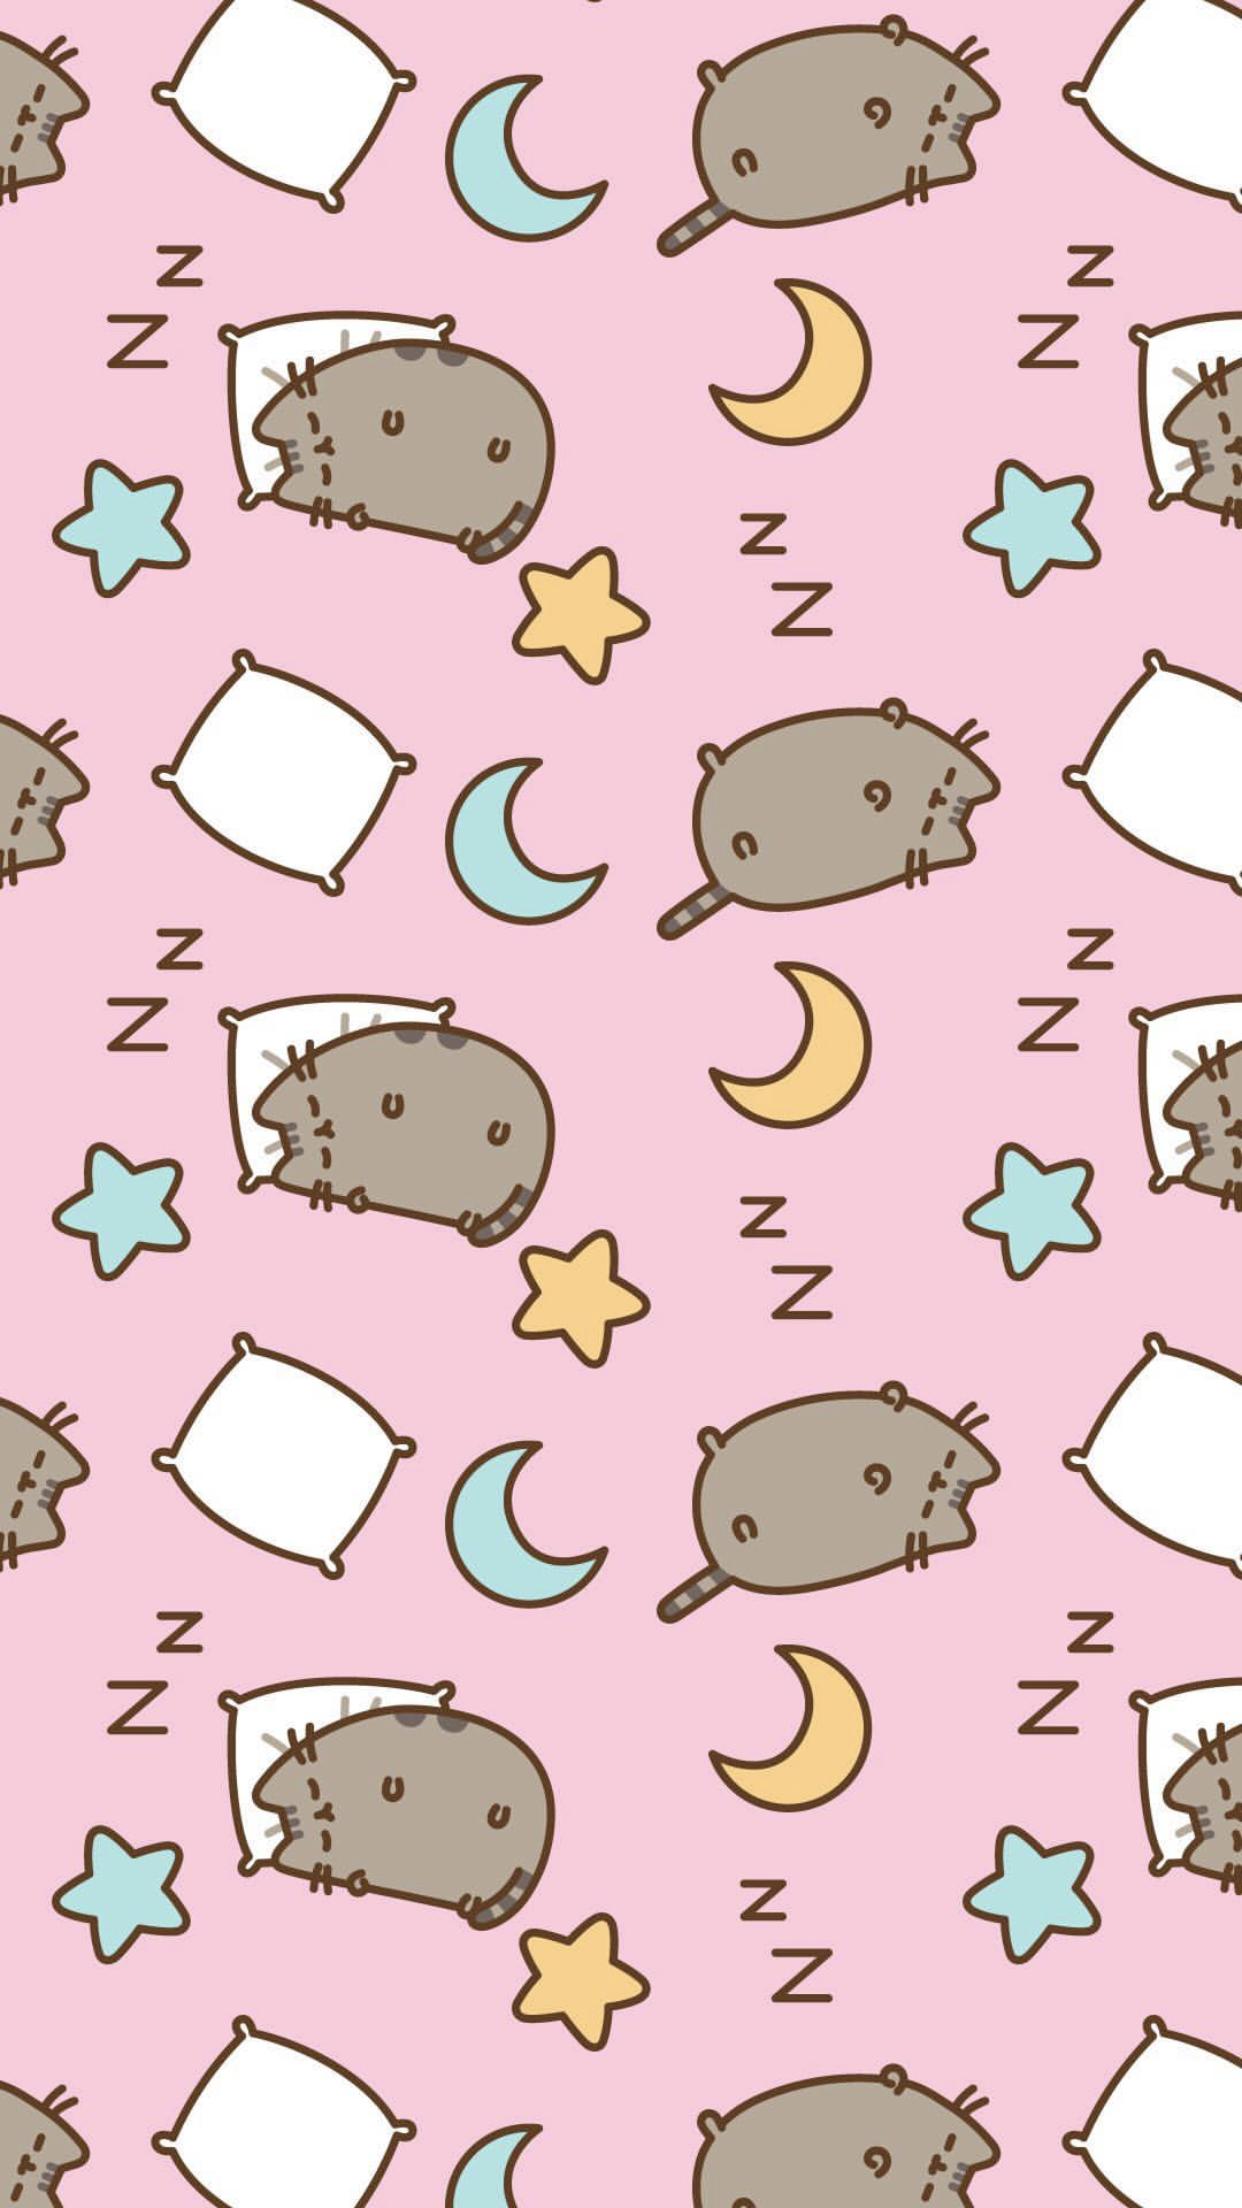 pusheen iphone wallpaper Pusheen cat, Pusheen